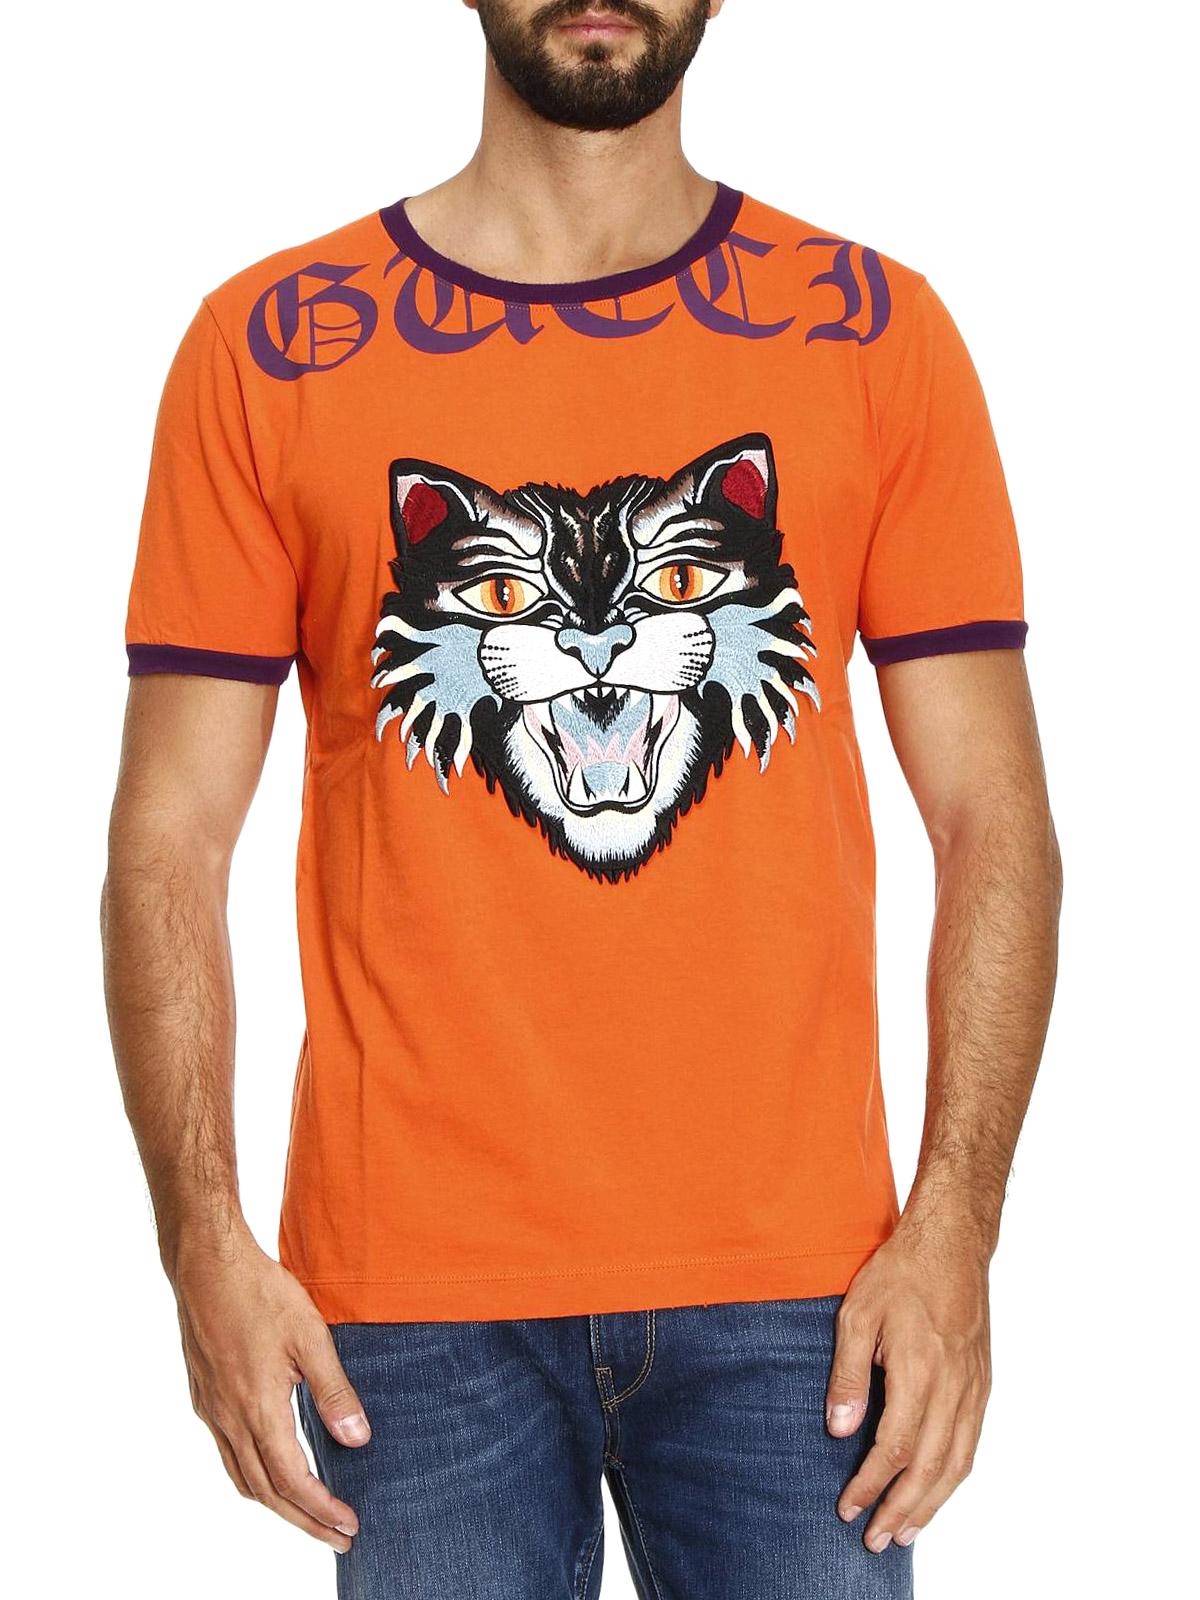 6bbb7b351 Gucci - Angry Cat patch orange T-shirt - t-shirts - 476035 X5V03 7548